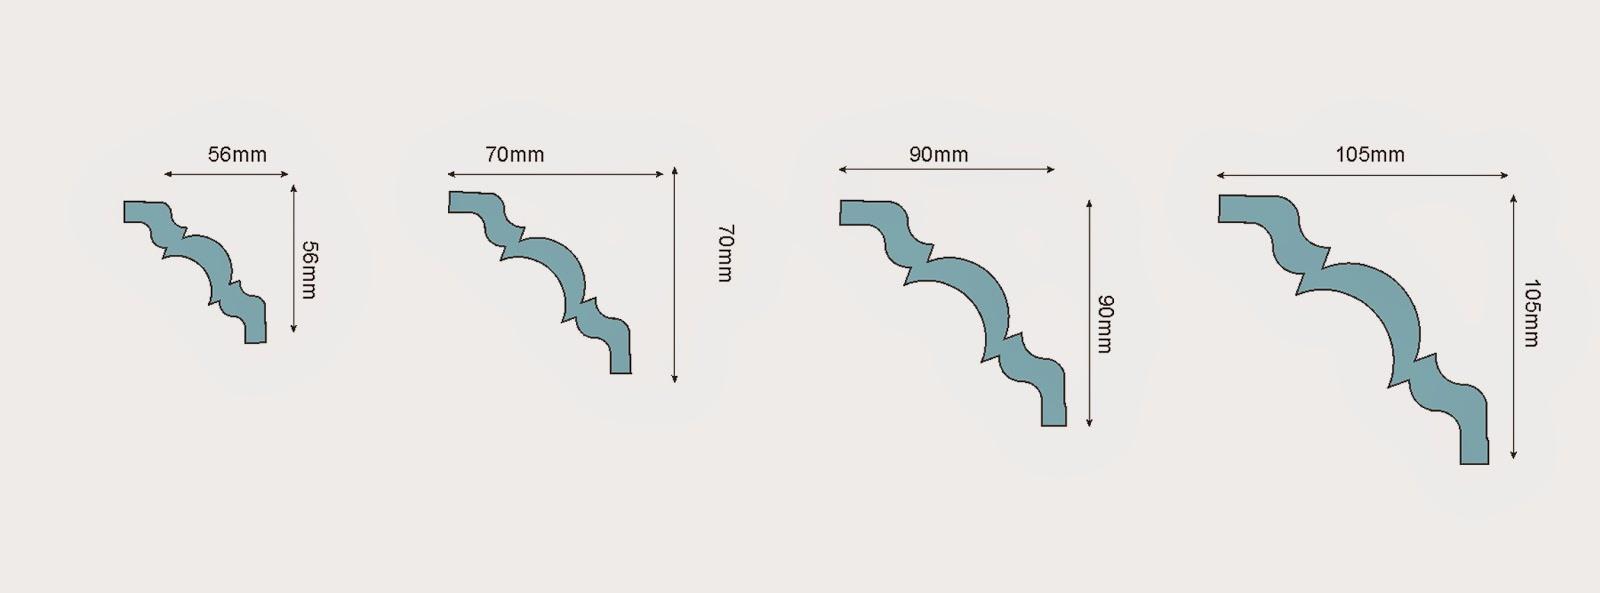 dimensiuni baghete decorative din polistiren, profile decorative polistiren pentru interior casa